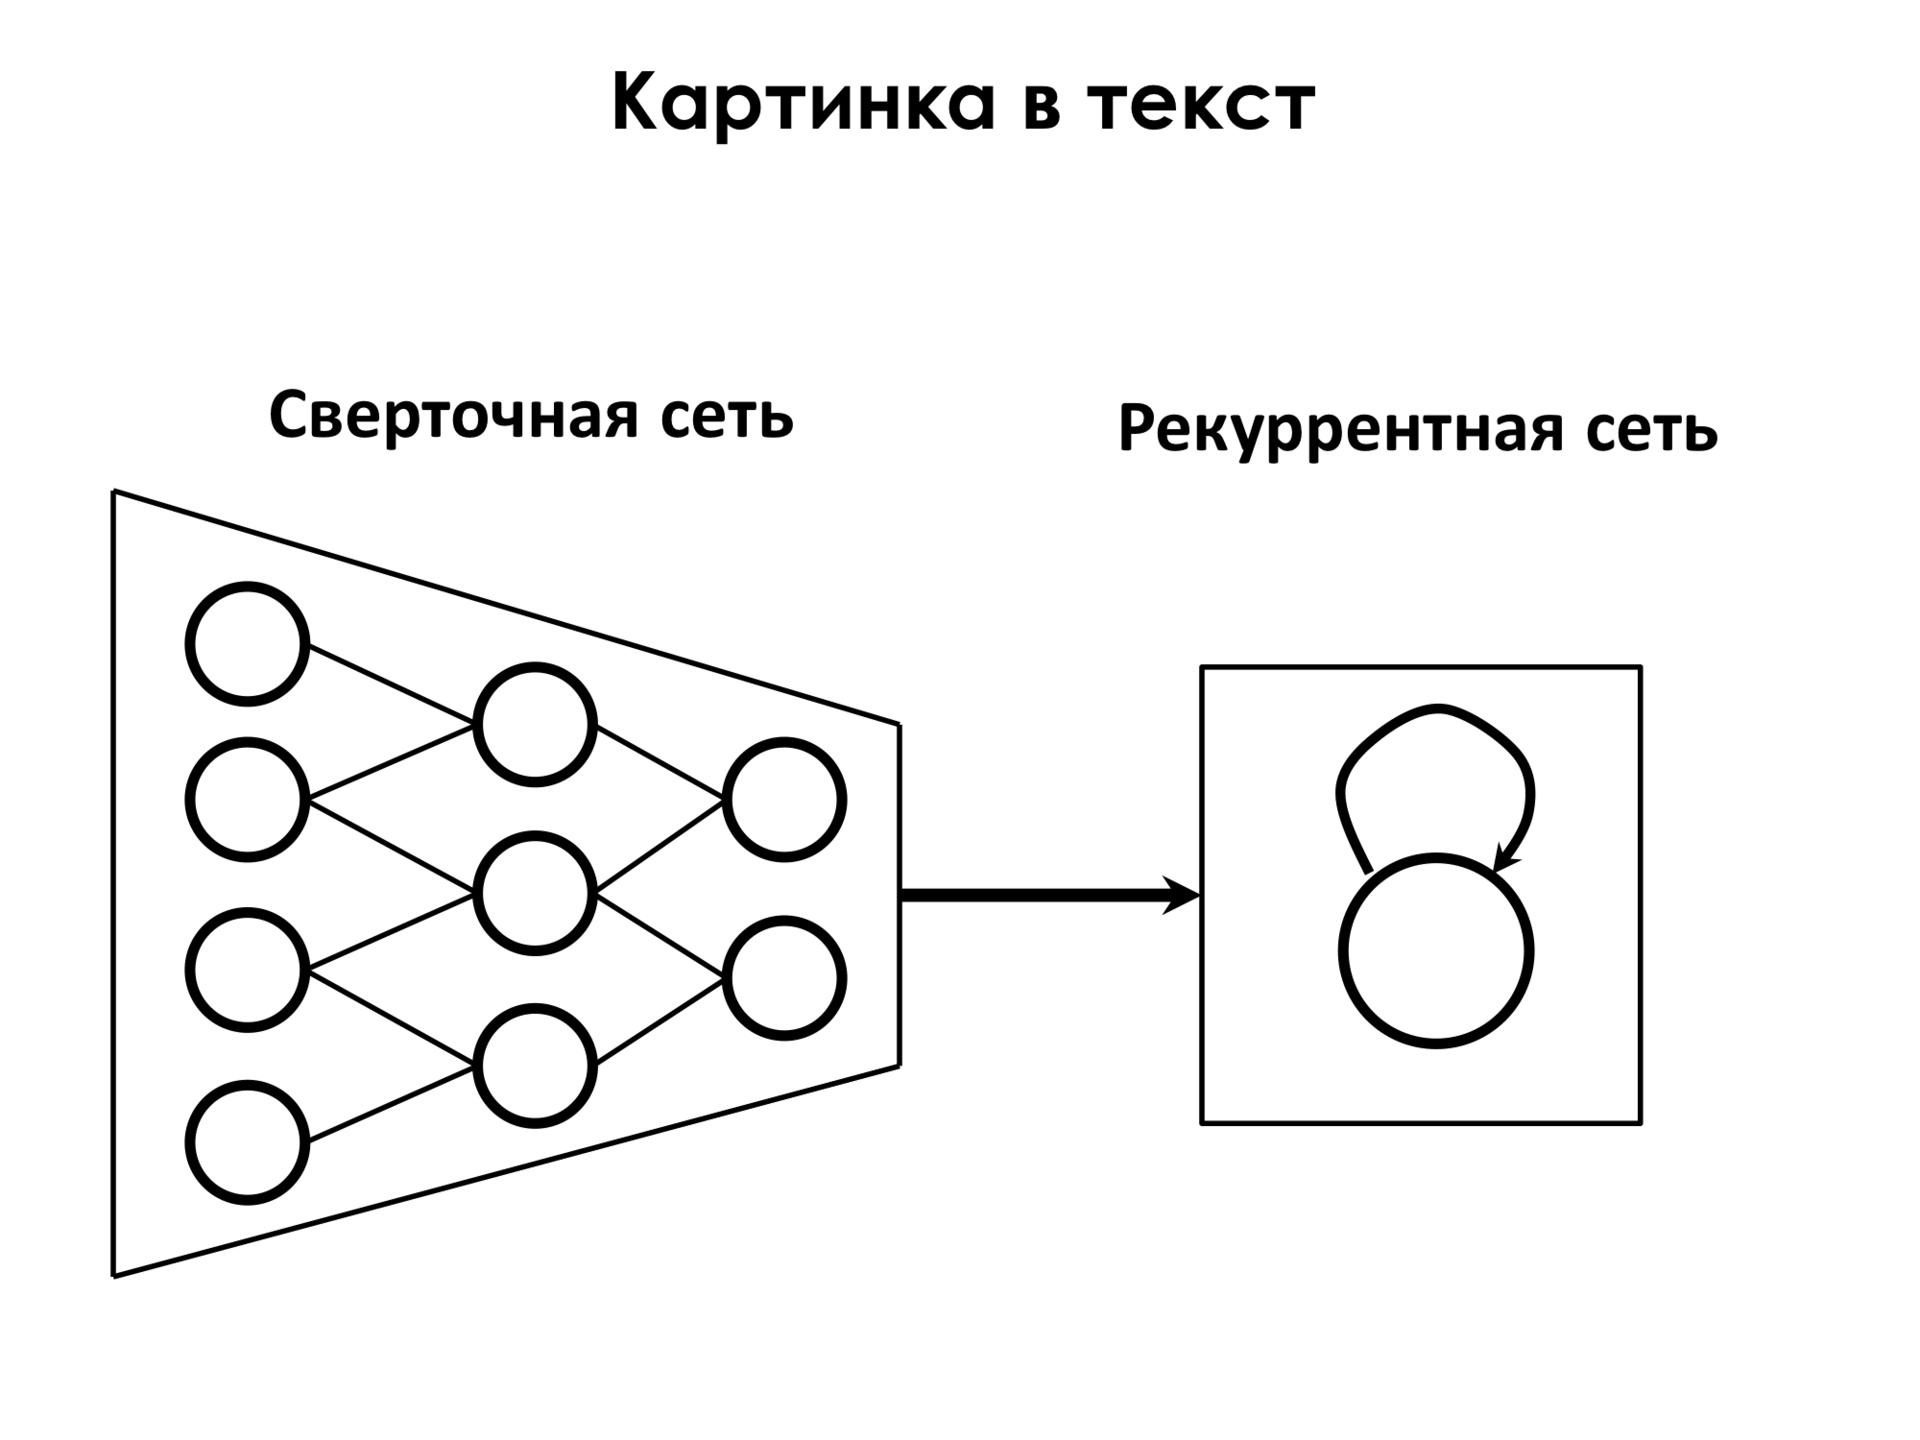 Самое главное о нейронных сетях. Лекция в Яндексе - 37